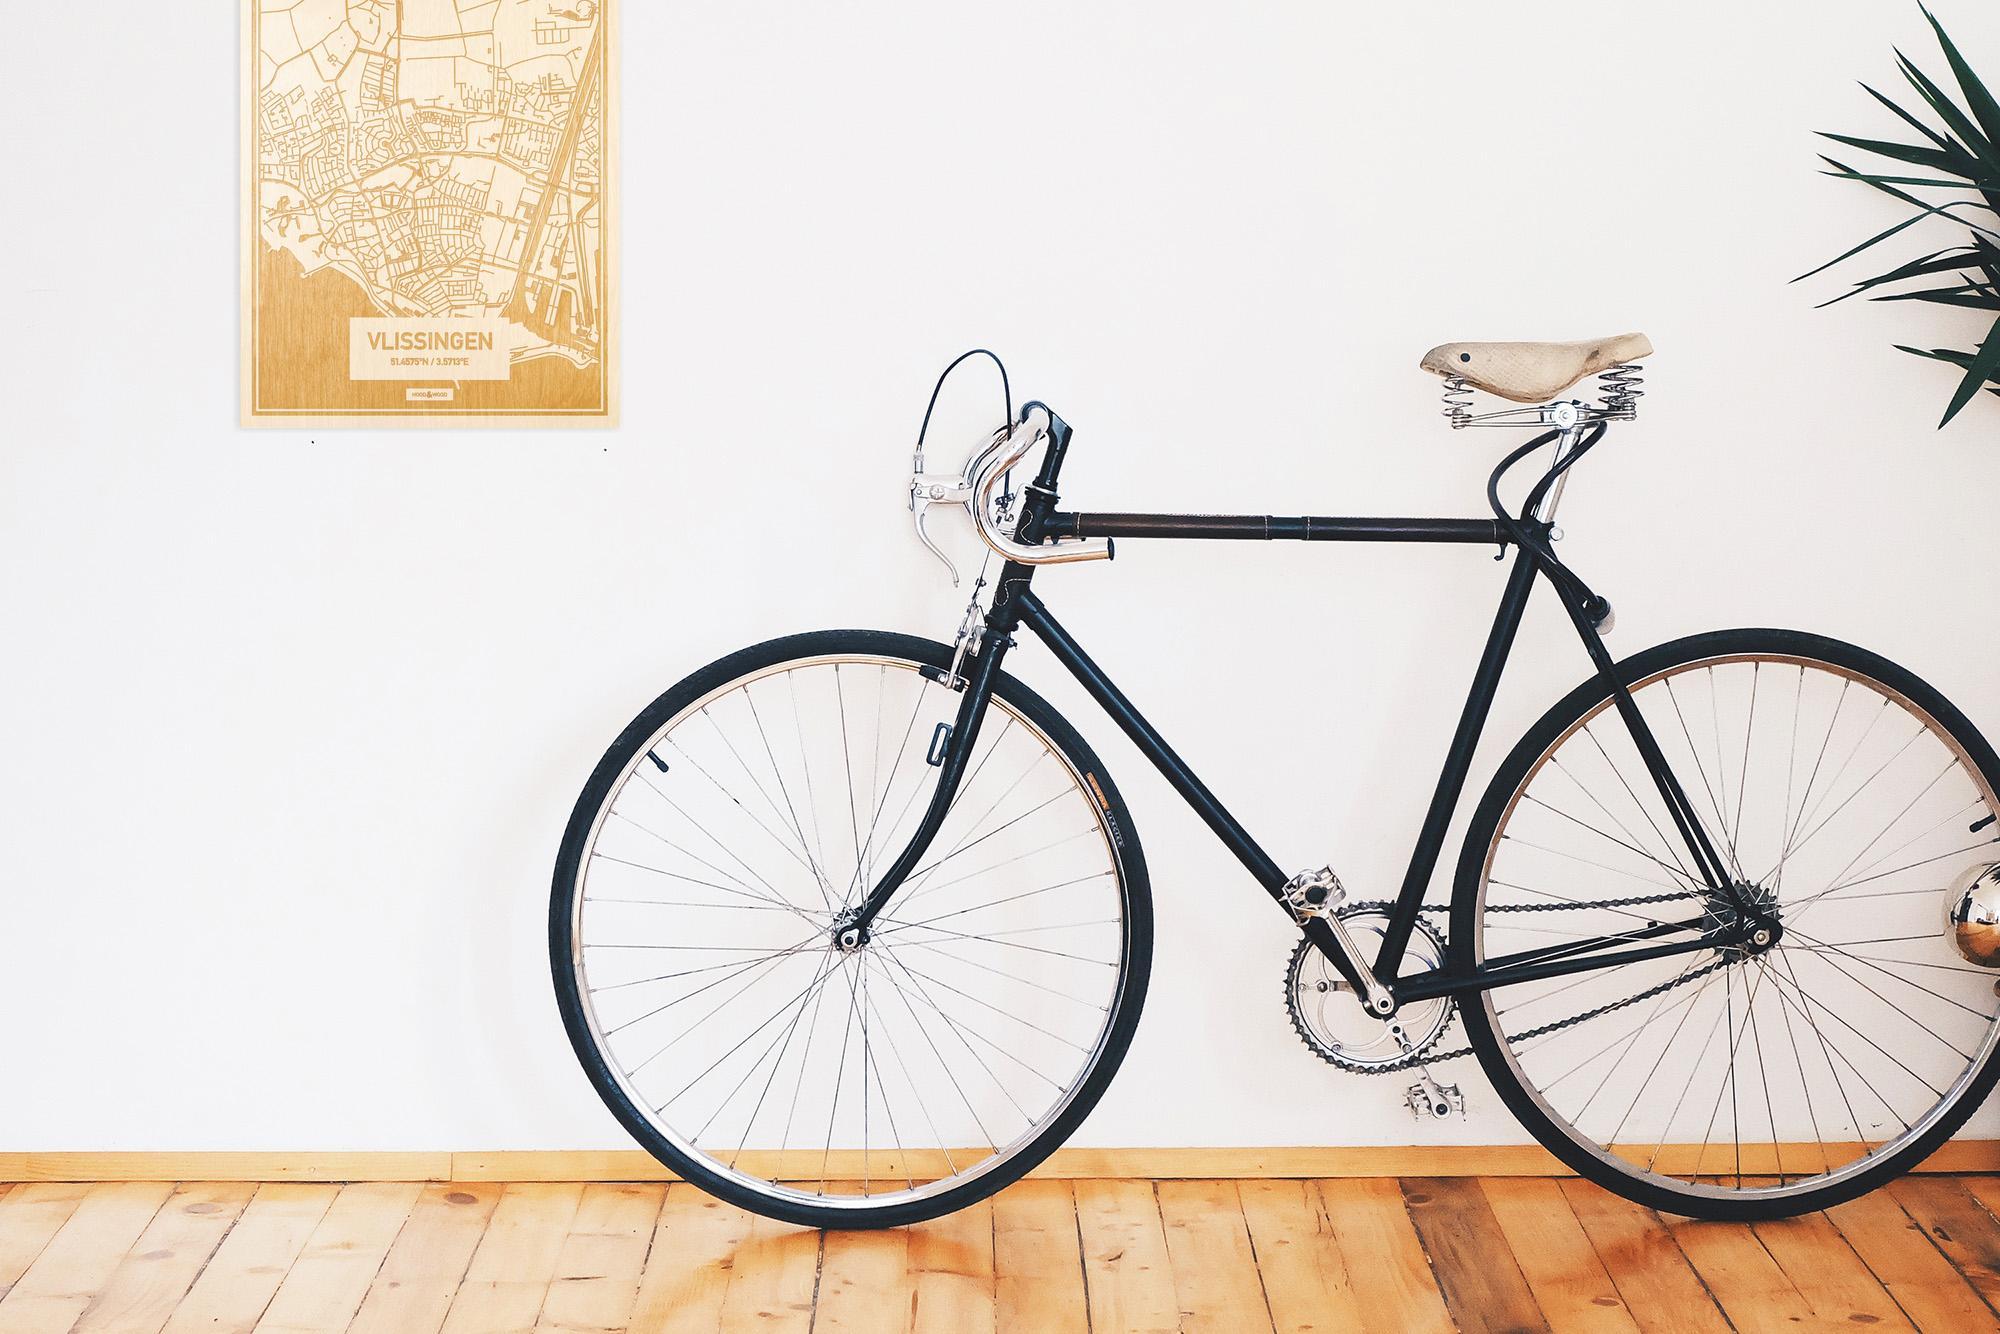 Een snelle fiets in een uniek interieur in Zeeland met mooie decoratie zoals de plattegrond Vlissingen.